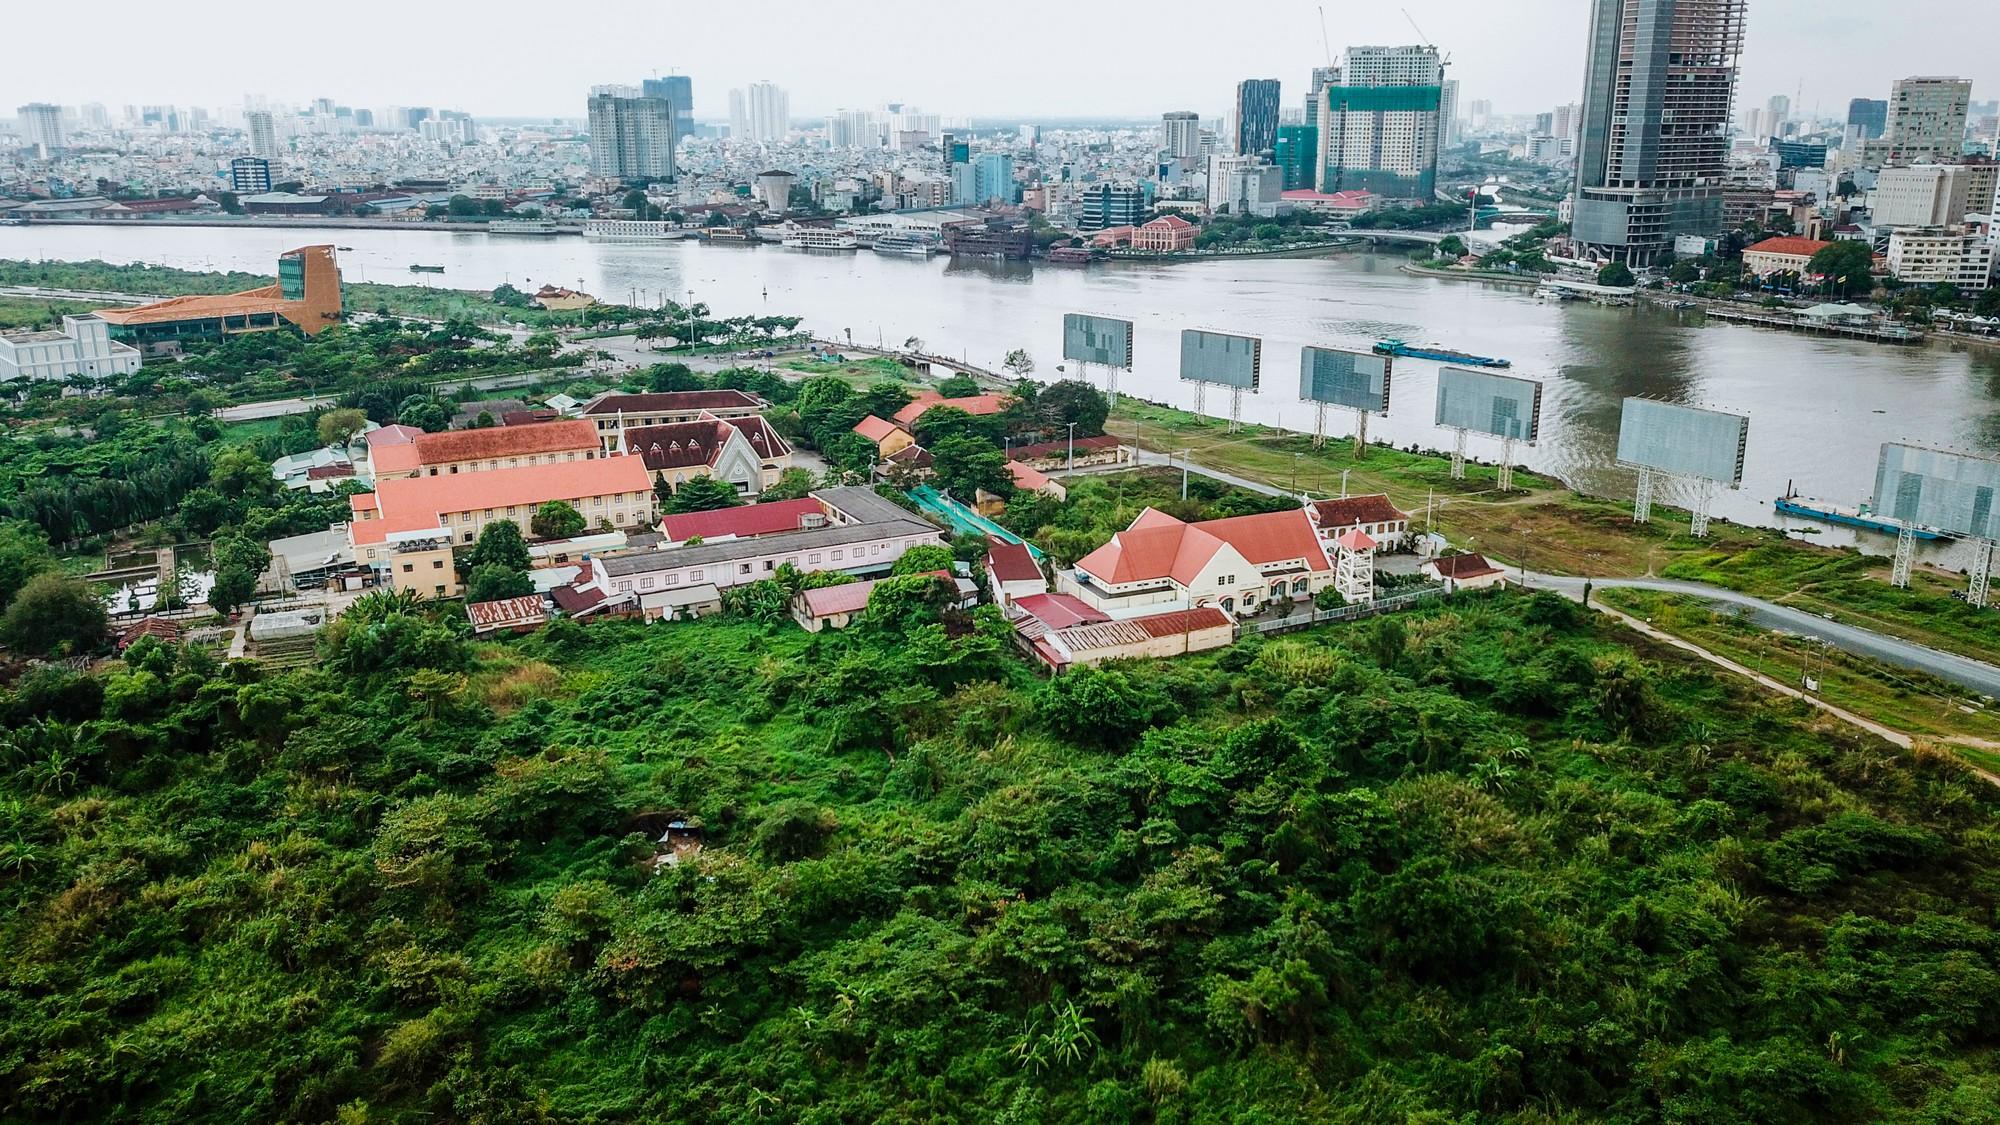 Cận cảnh khu đất vàng tại Thủ Thiêm, nơi dự kiến xây nhà hát giao hưởng 1.500 tỷ đồng - Ảnh 6.